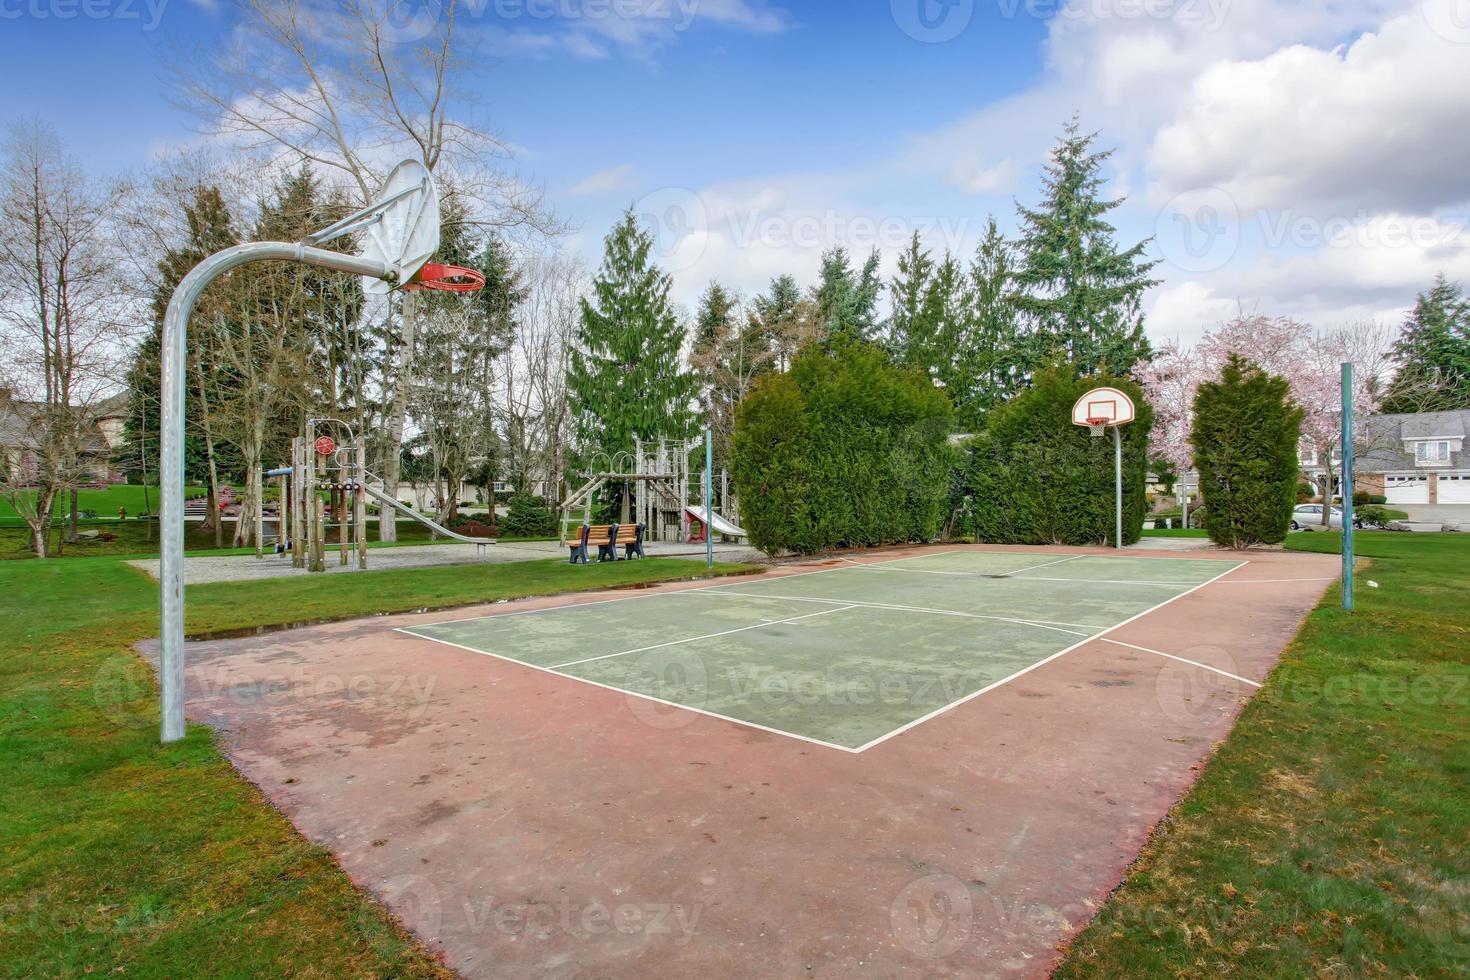 terrain de basket et aire de jeux pour enfants photo